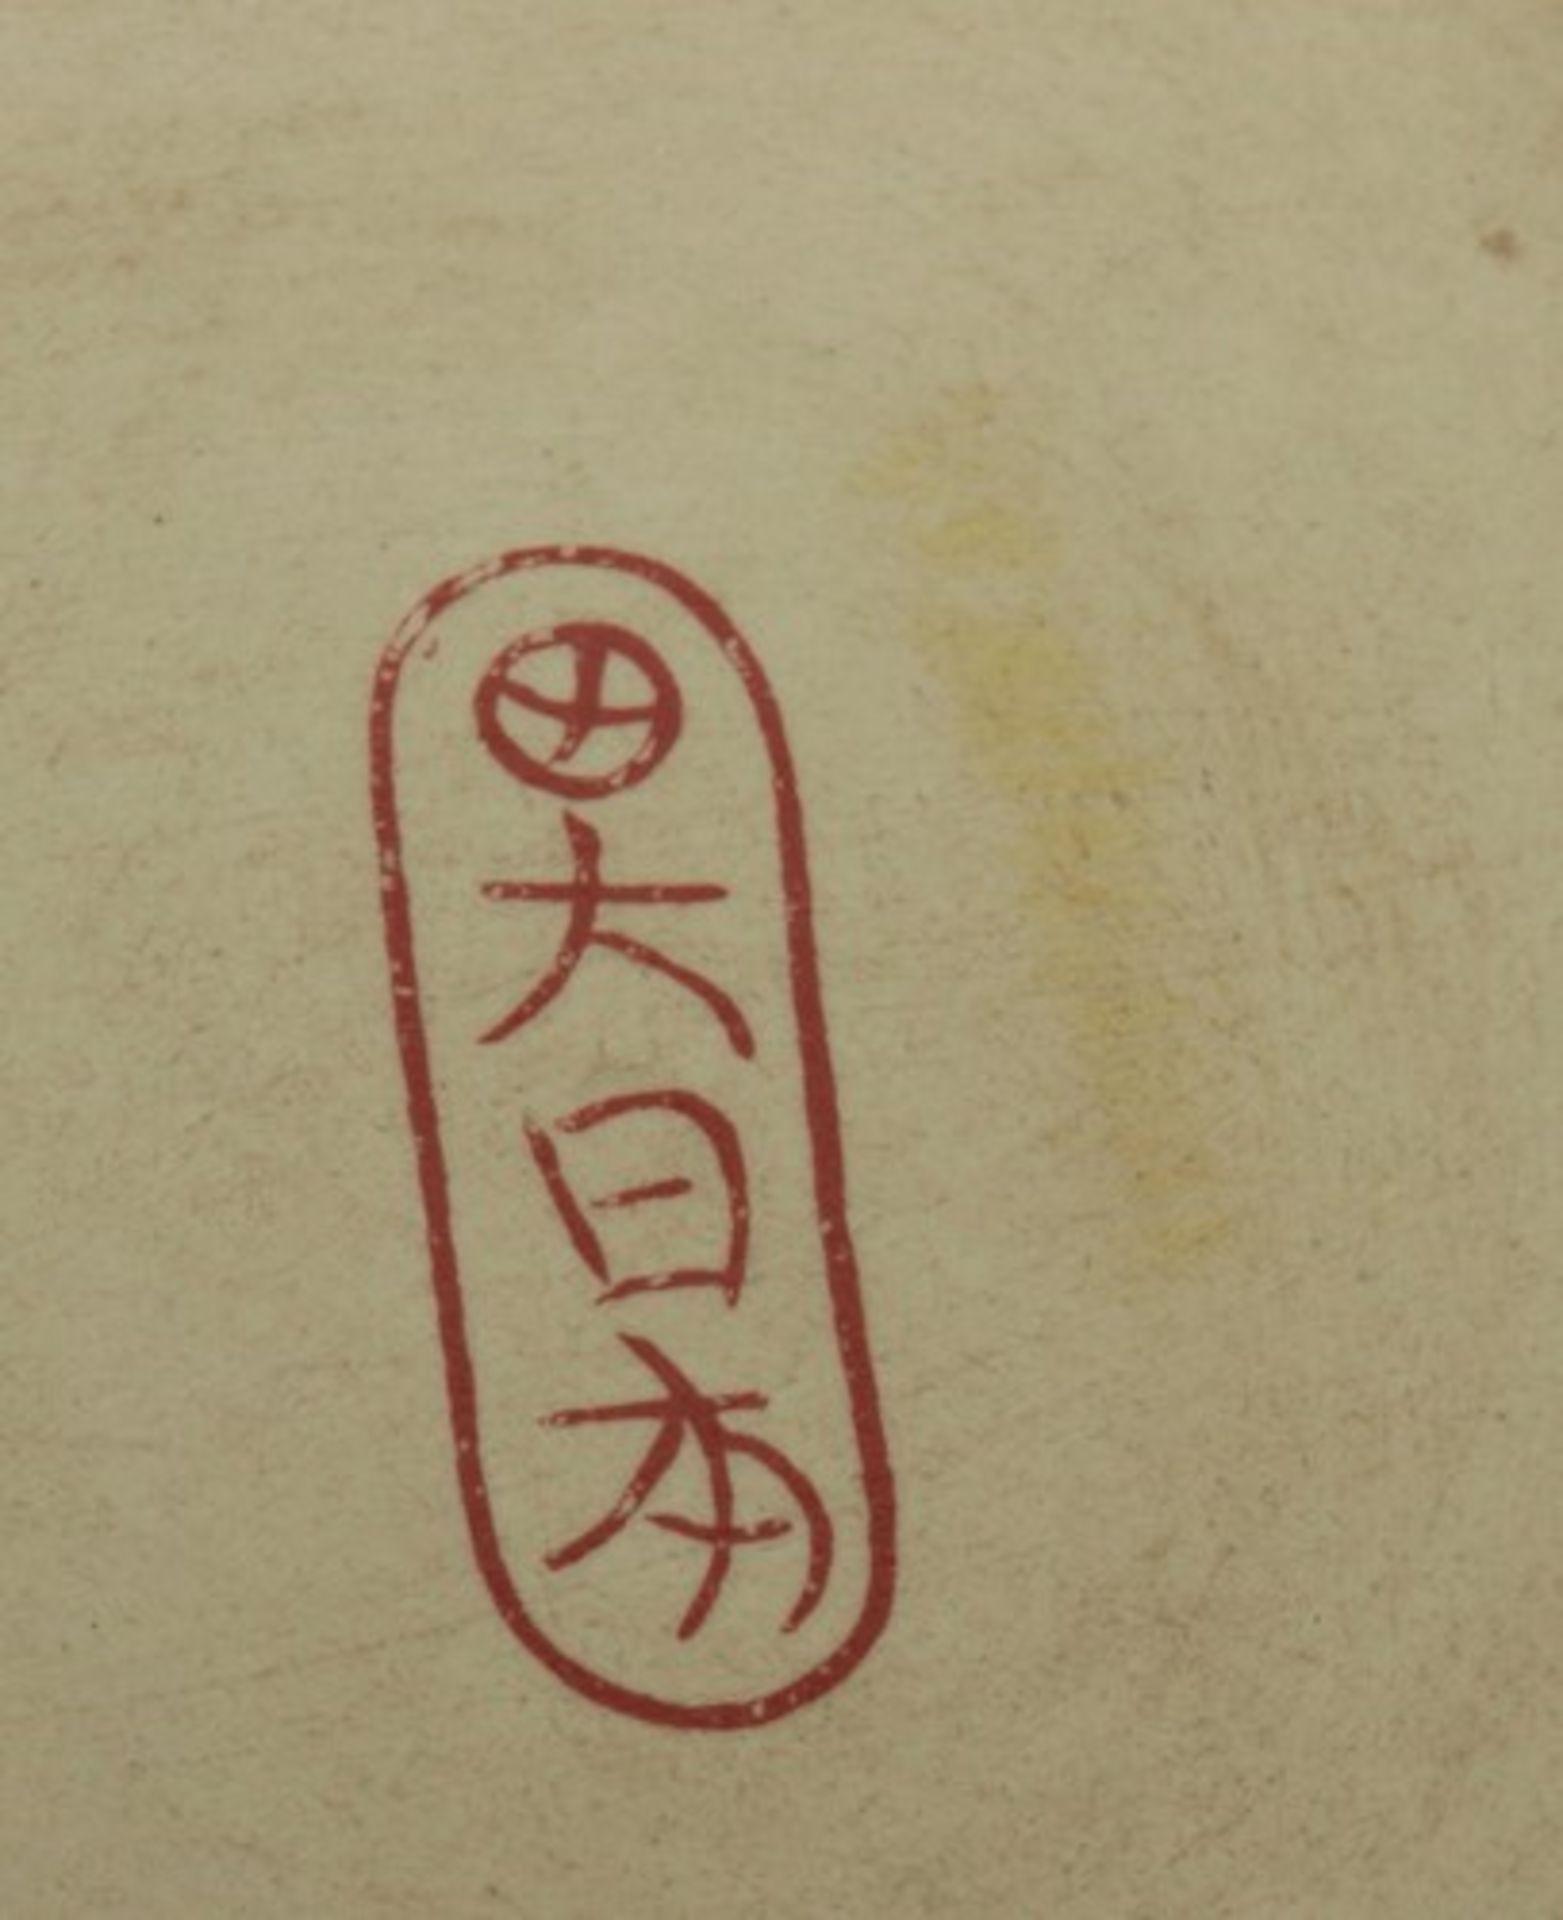 Los 1823 - CachepotJapan, runder Stand, leicht gebauchte Form, oberer Teil der Wandung durch schmalen Wulst